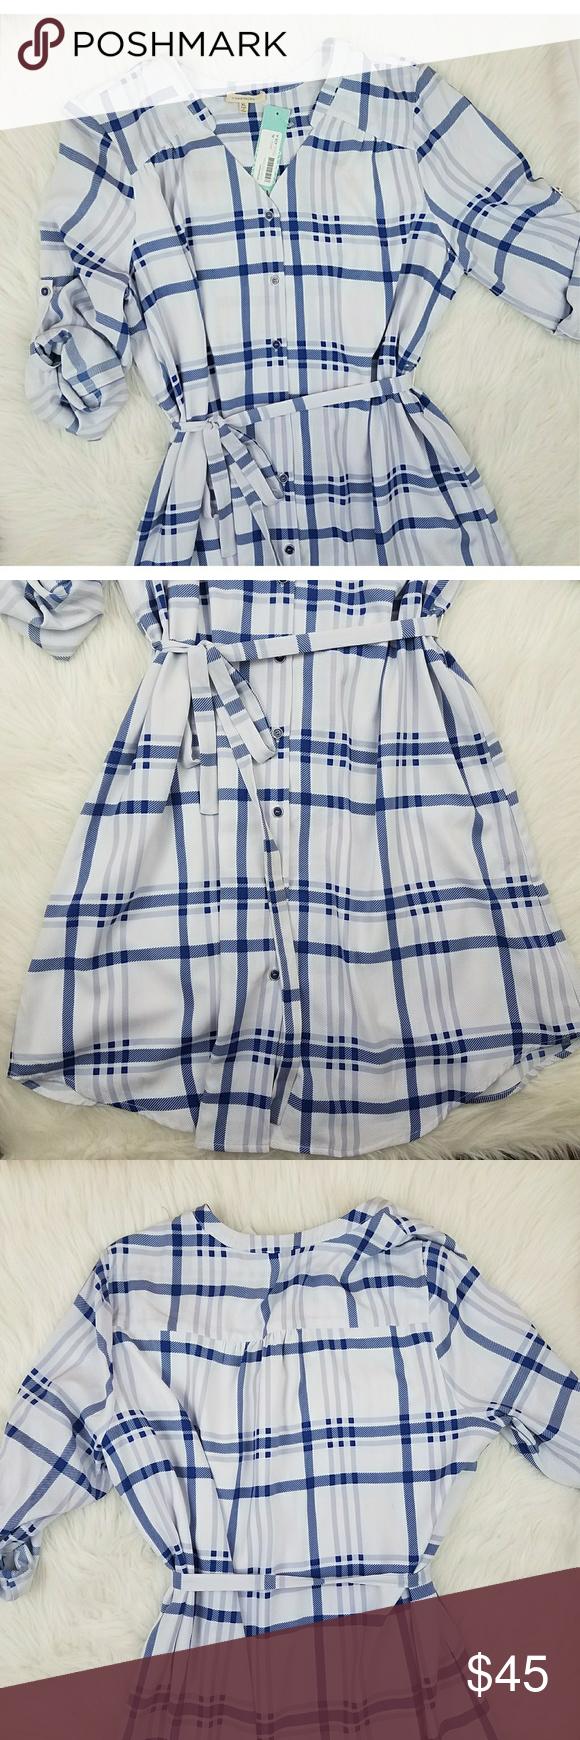 81b8b90291 Stitch Fix 41Hawthorn Cristen Shirtdress NWT shirtdress dress by 41Hawthorn  Stich Fix. Blue   white stripes